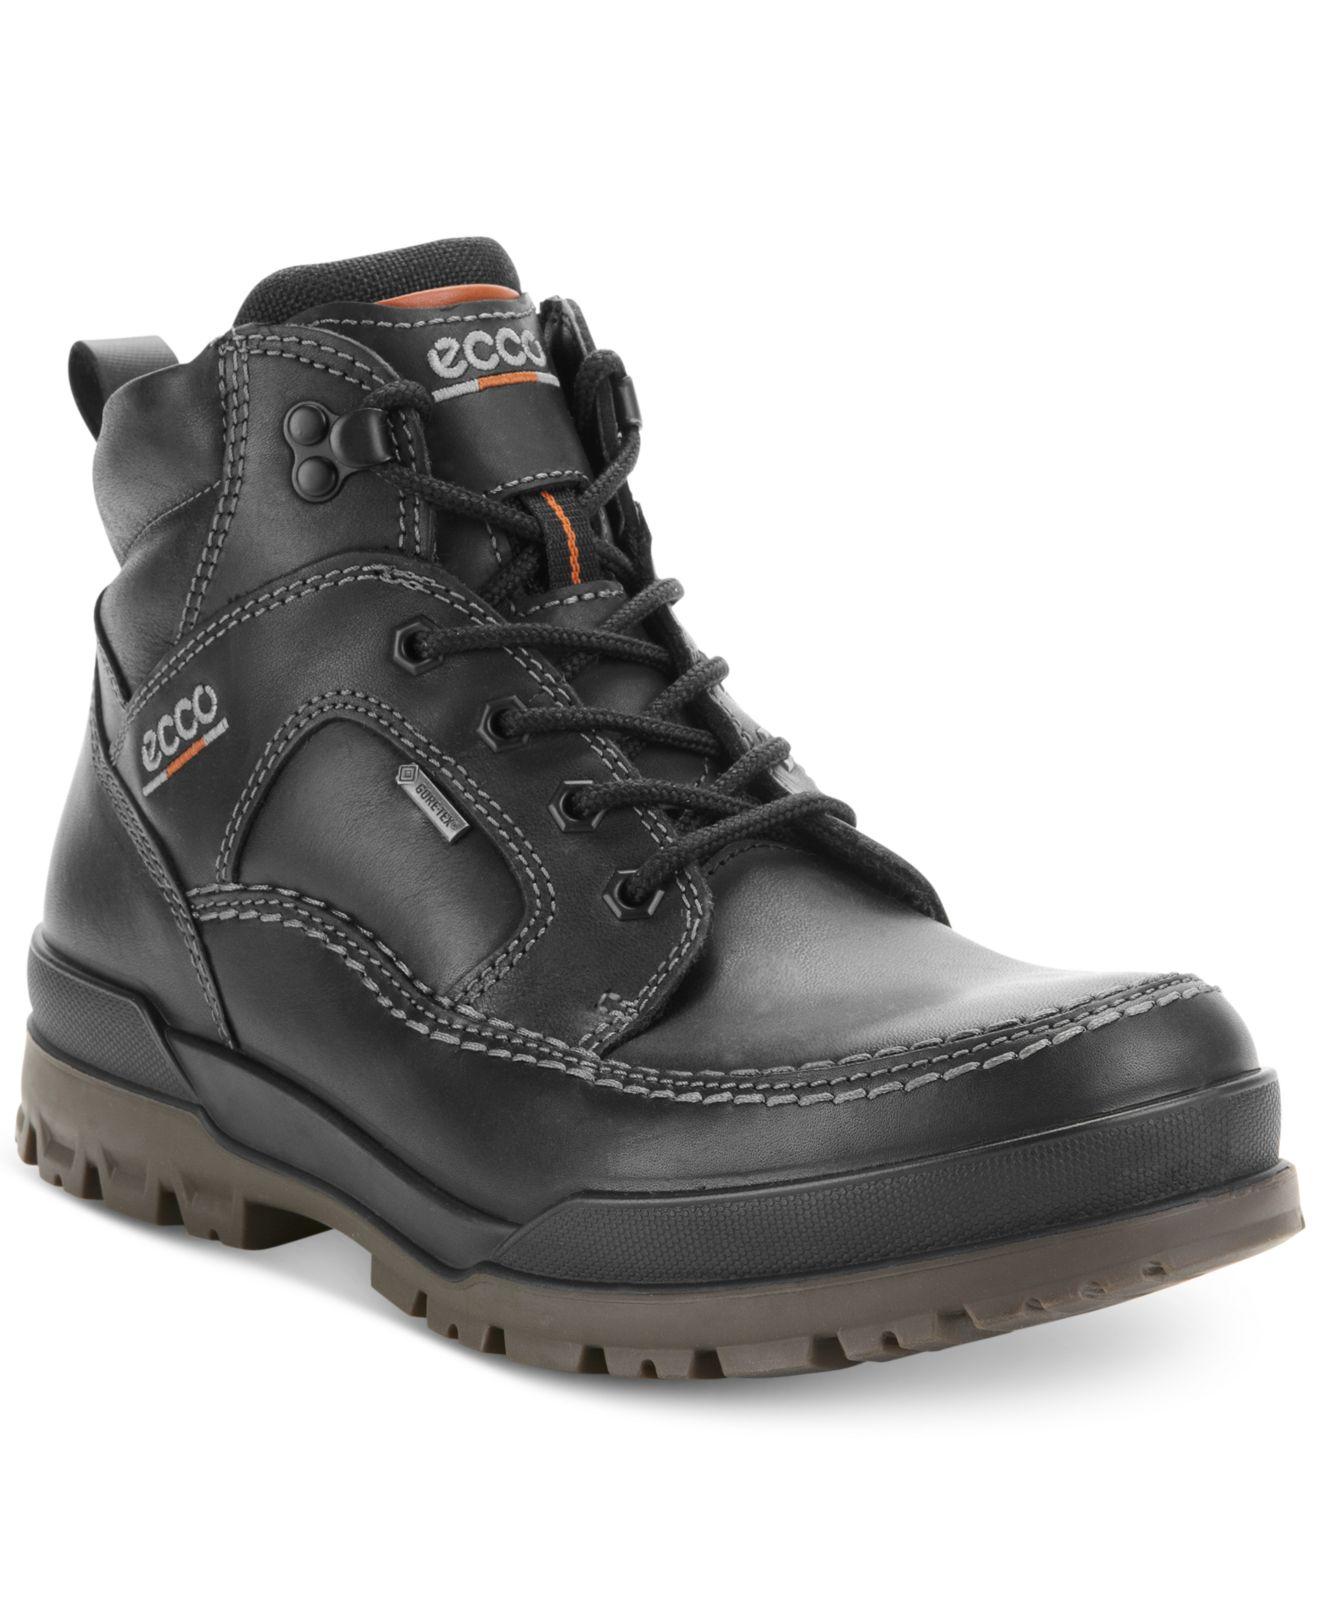 Ecco Track Vi Gtx Gore tex Waterproof Boots In Black For